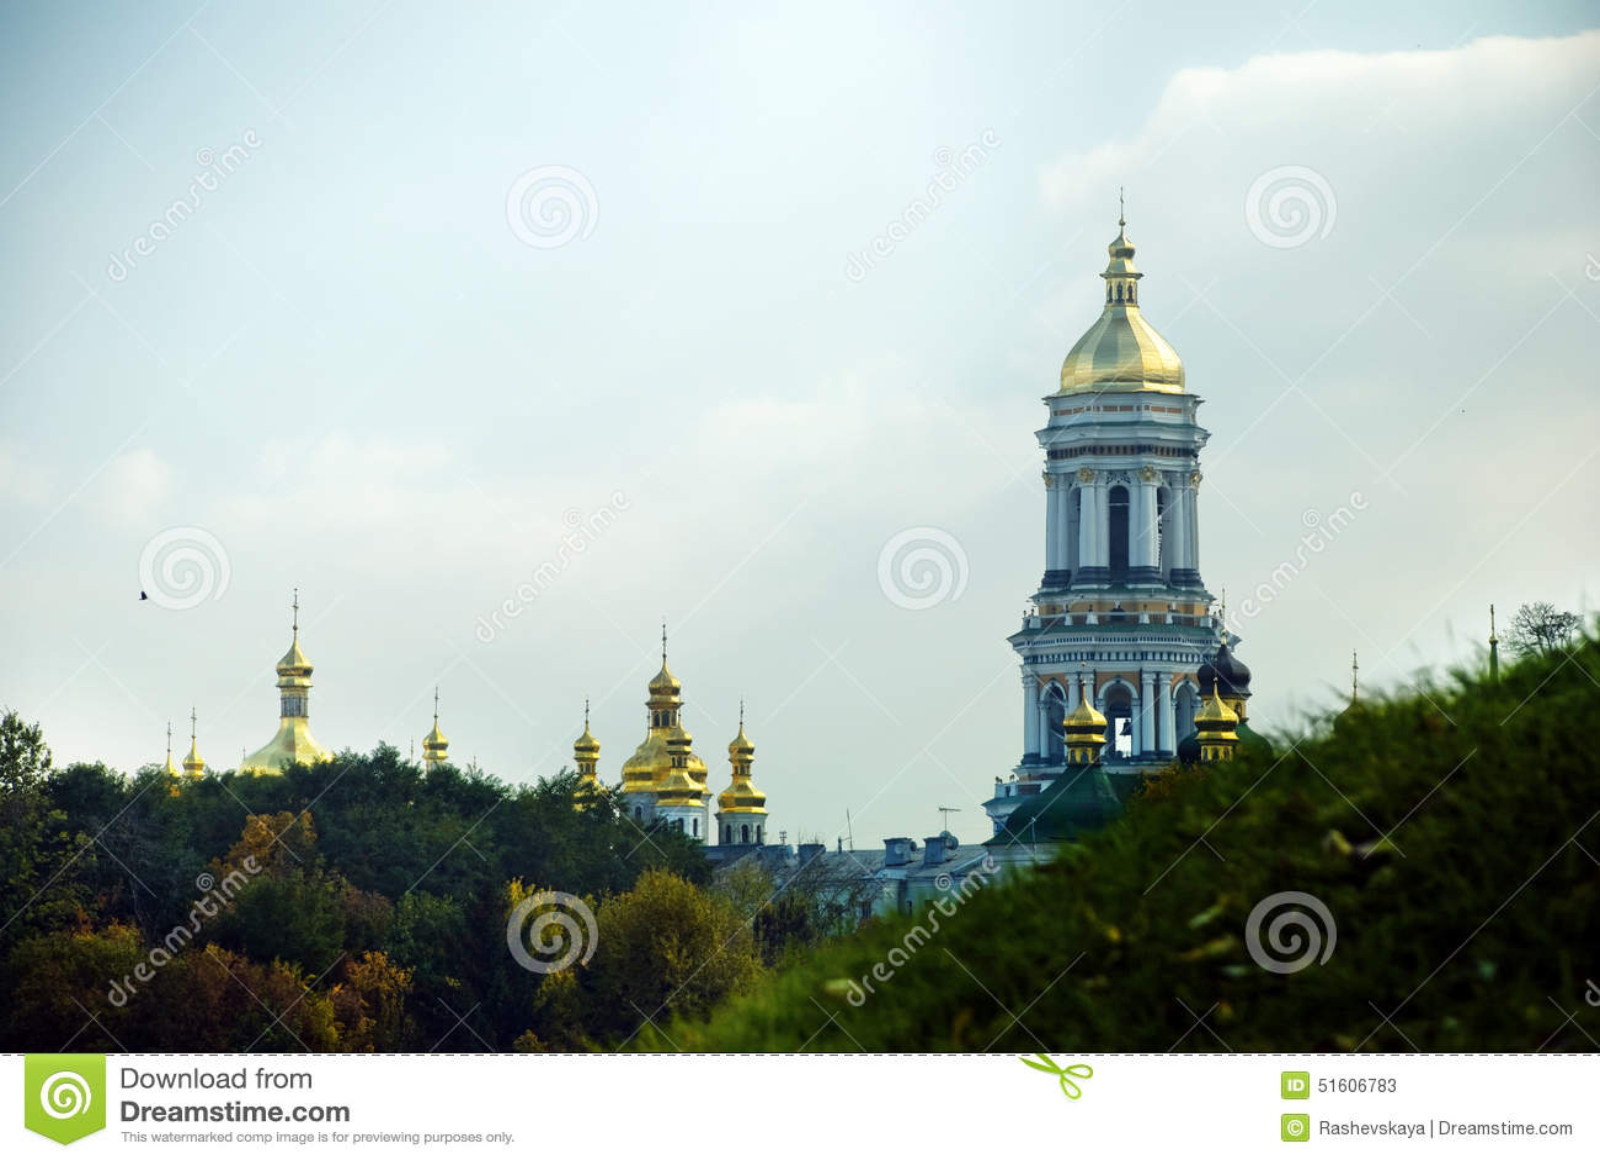 Kiev Pechersk Lavra ou Kyiv Pechersk Lavra